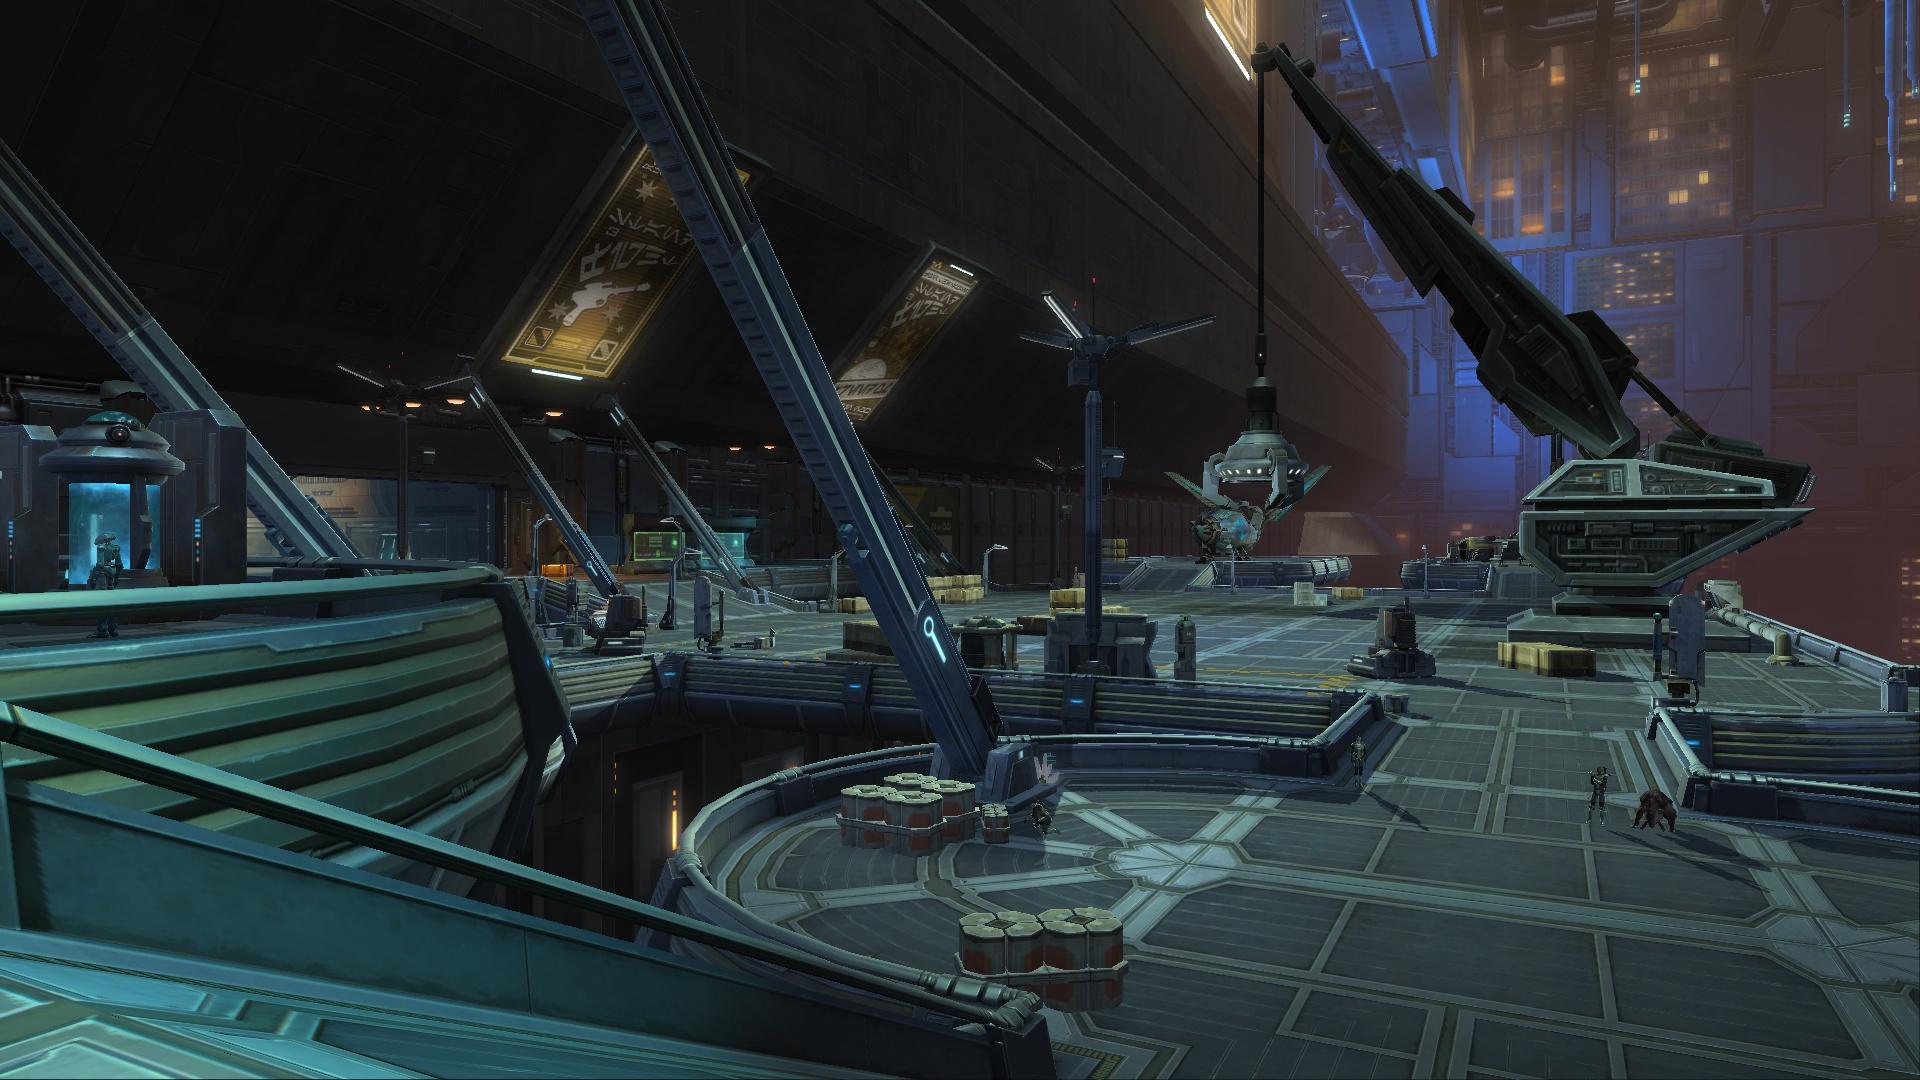 ddmsrealm-star-wars-tor-coruscant-justicar-docks